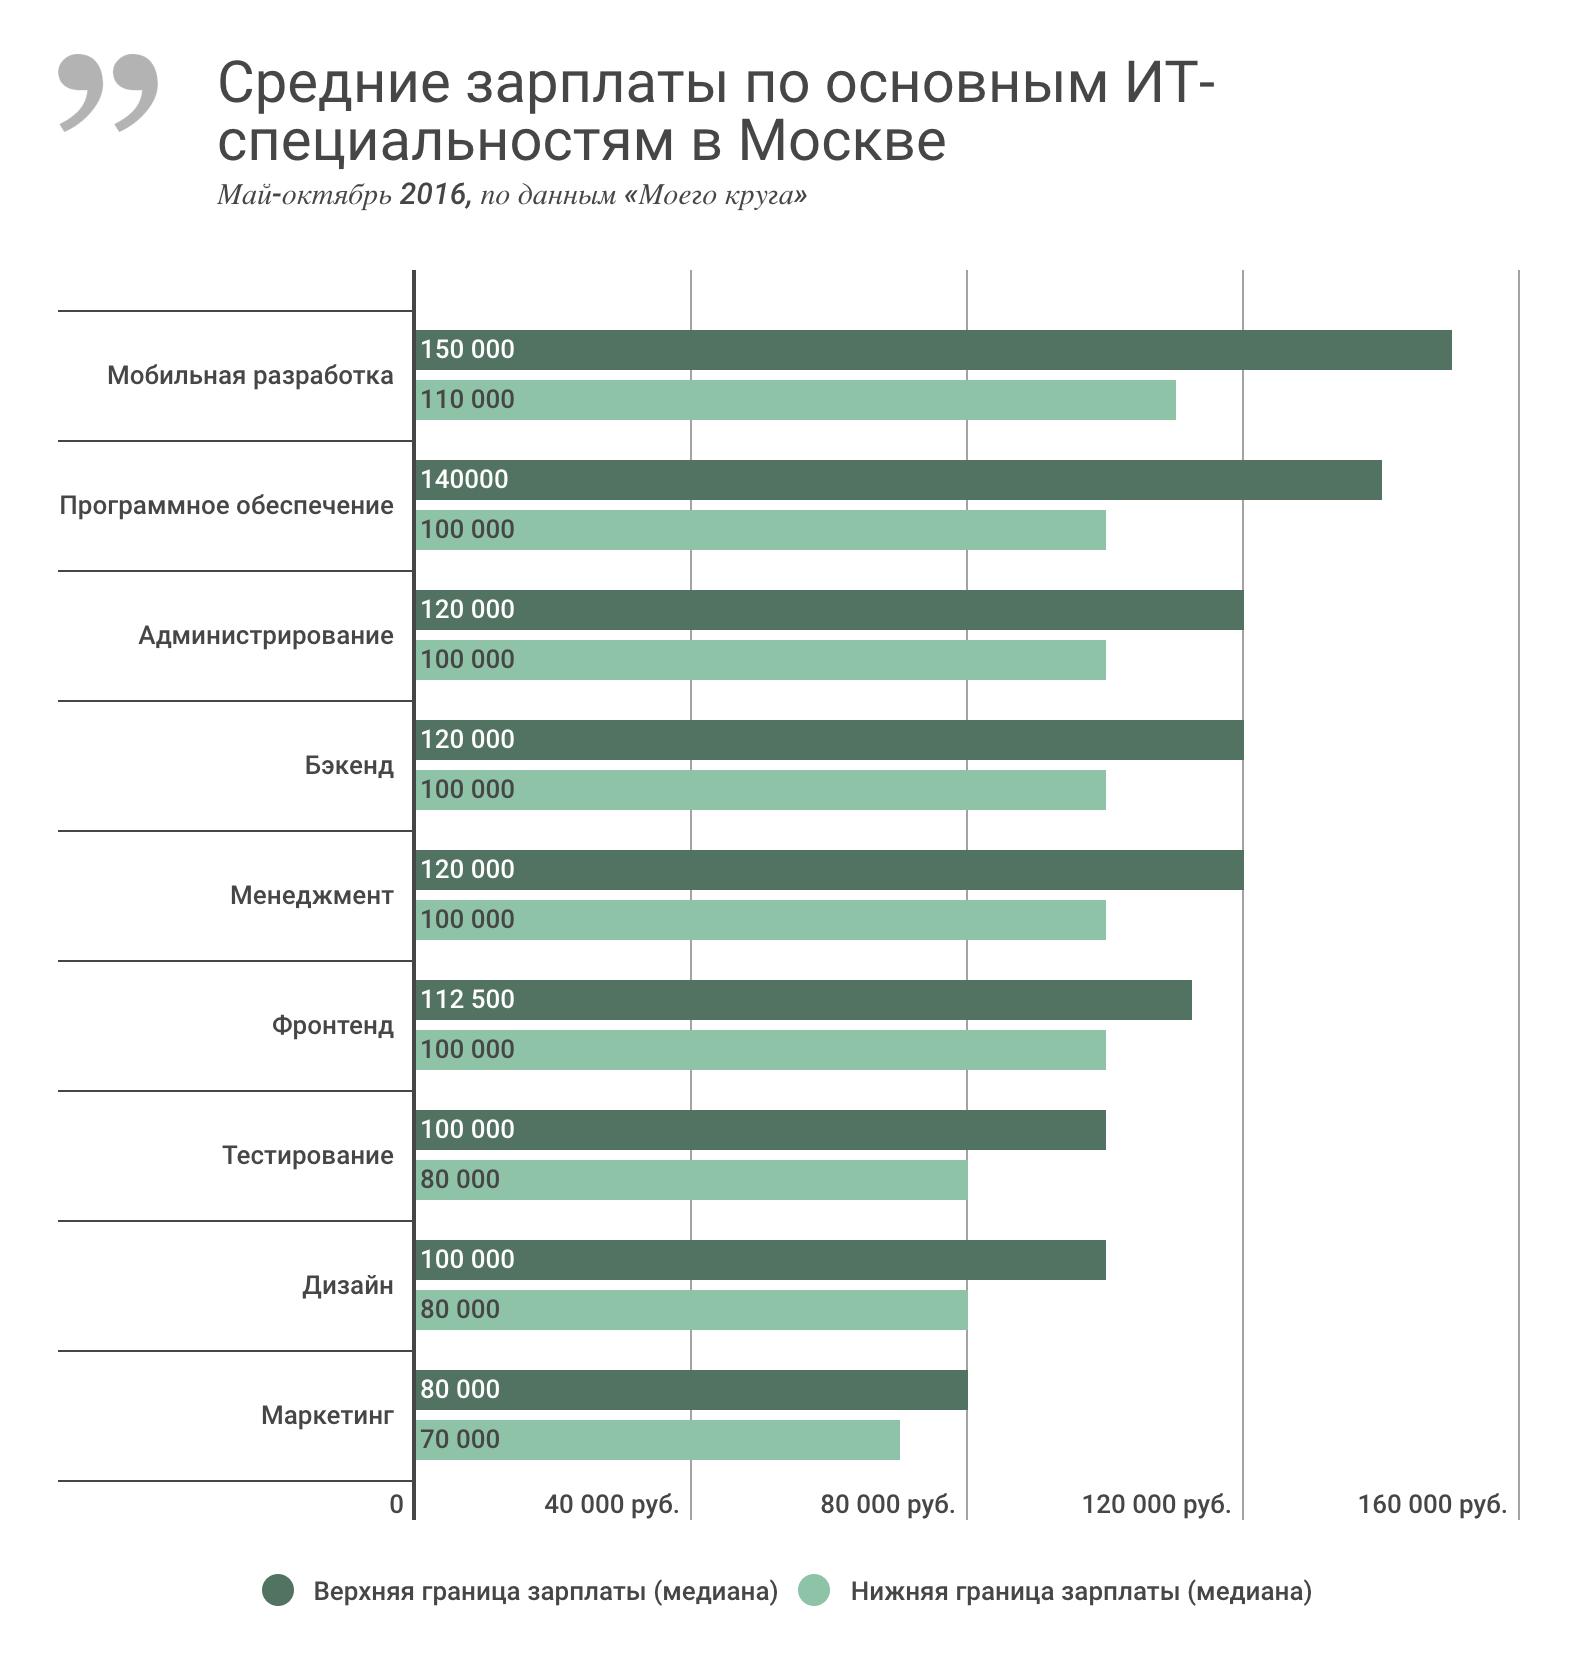 Зарплаты IT-специалистов в России за последние полгода, май-октябрь 2016 - 2